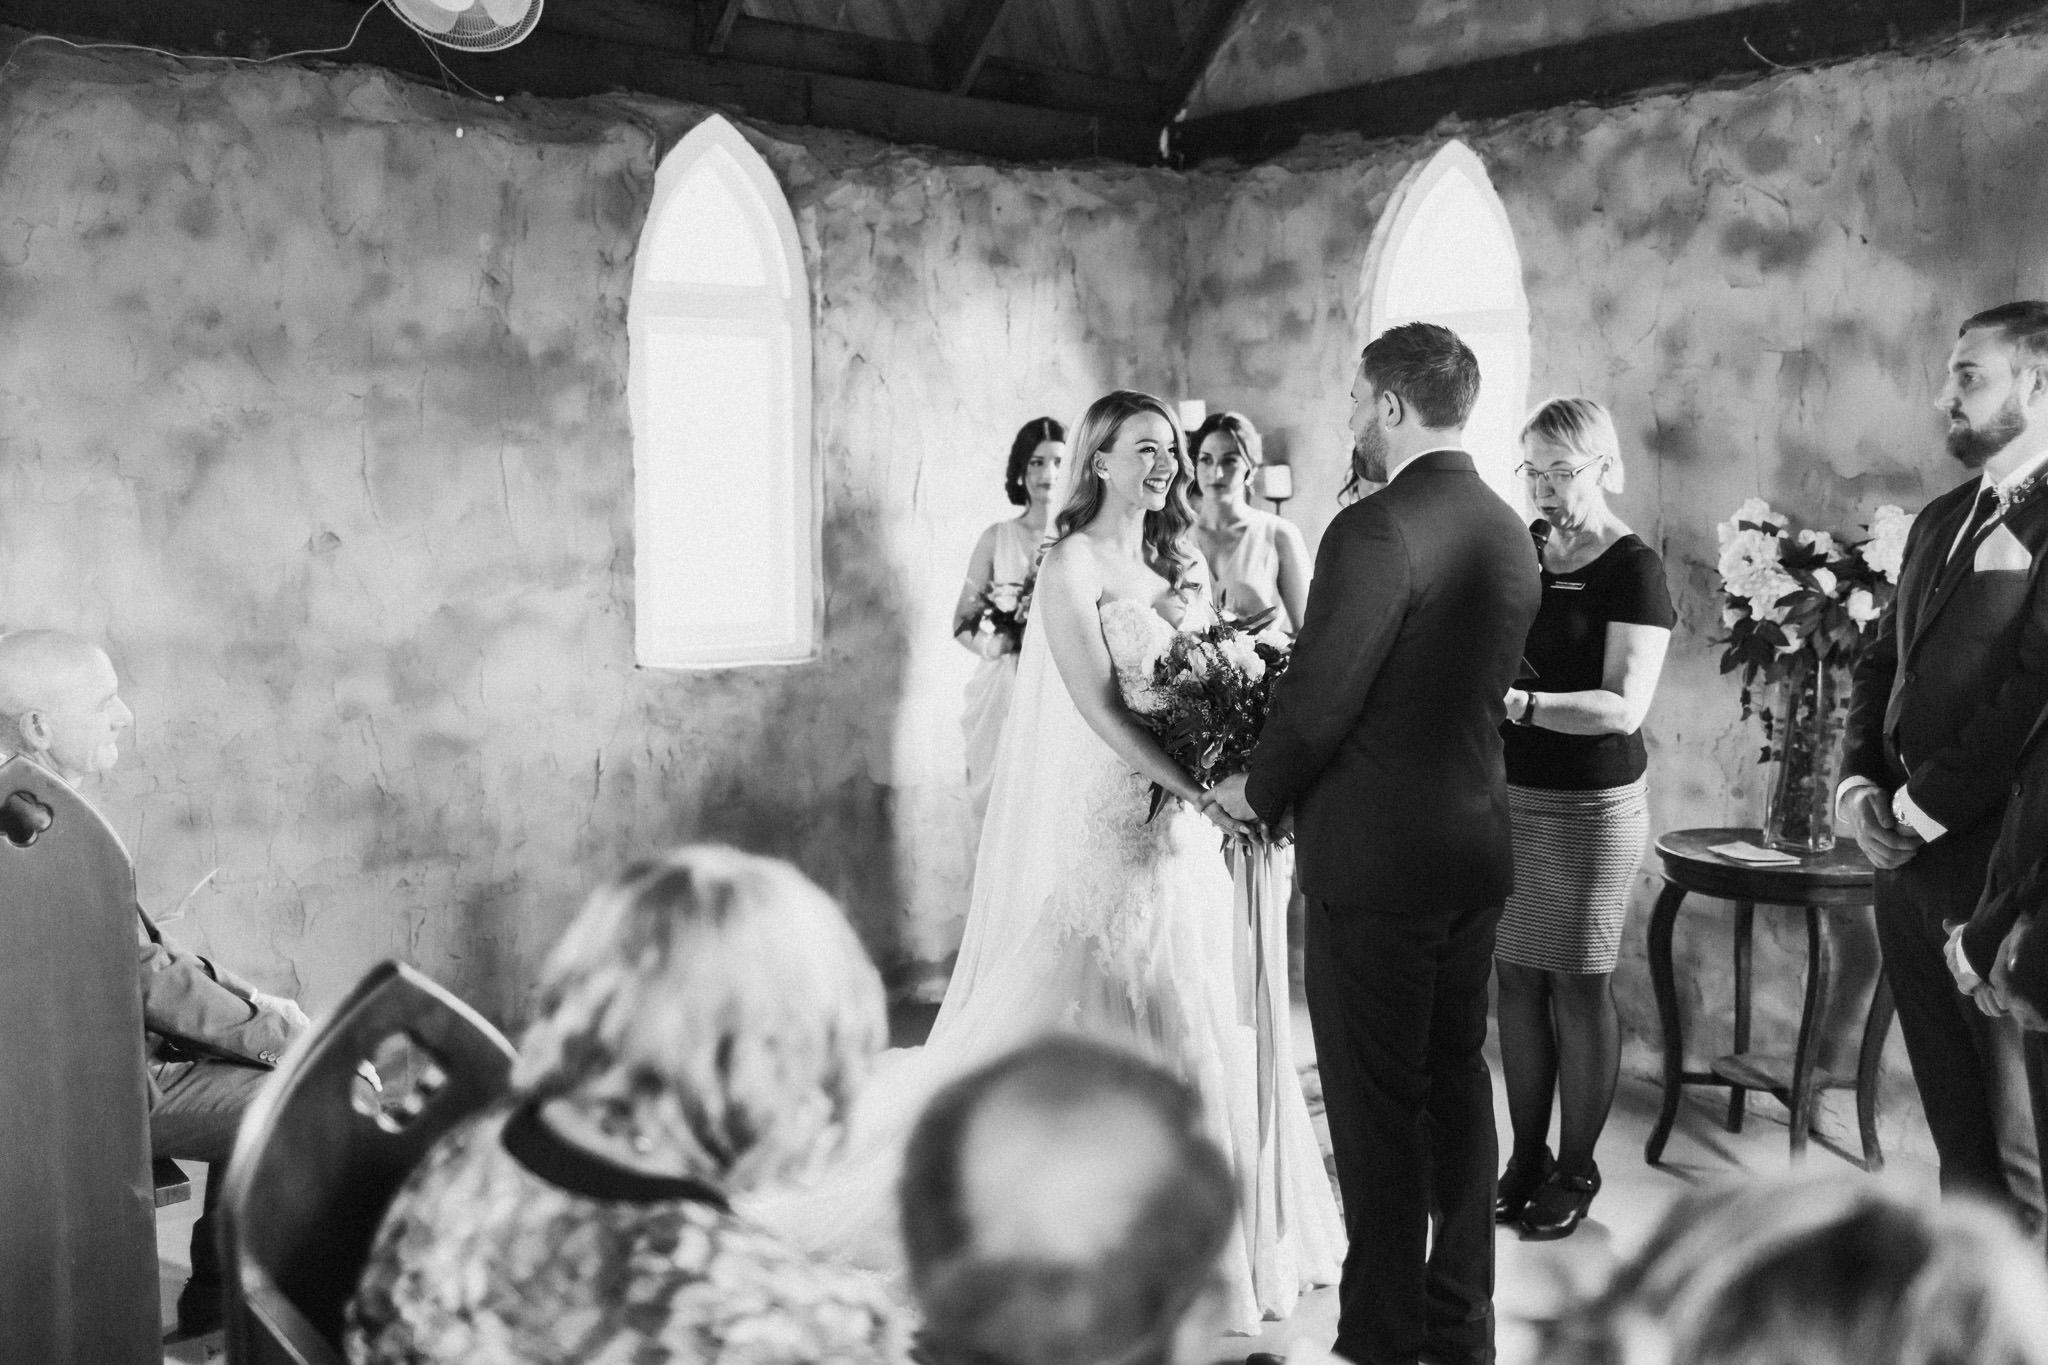 WeddingPhotos_Facebook_2048pixels-1041.jpg